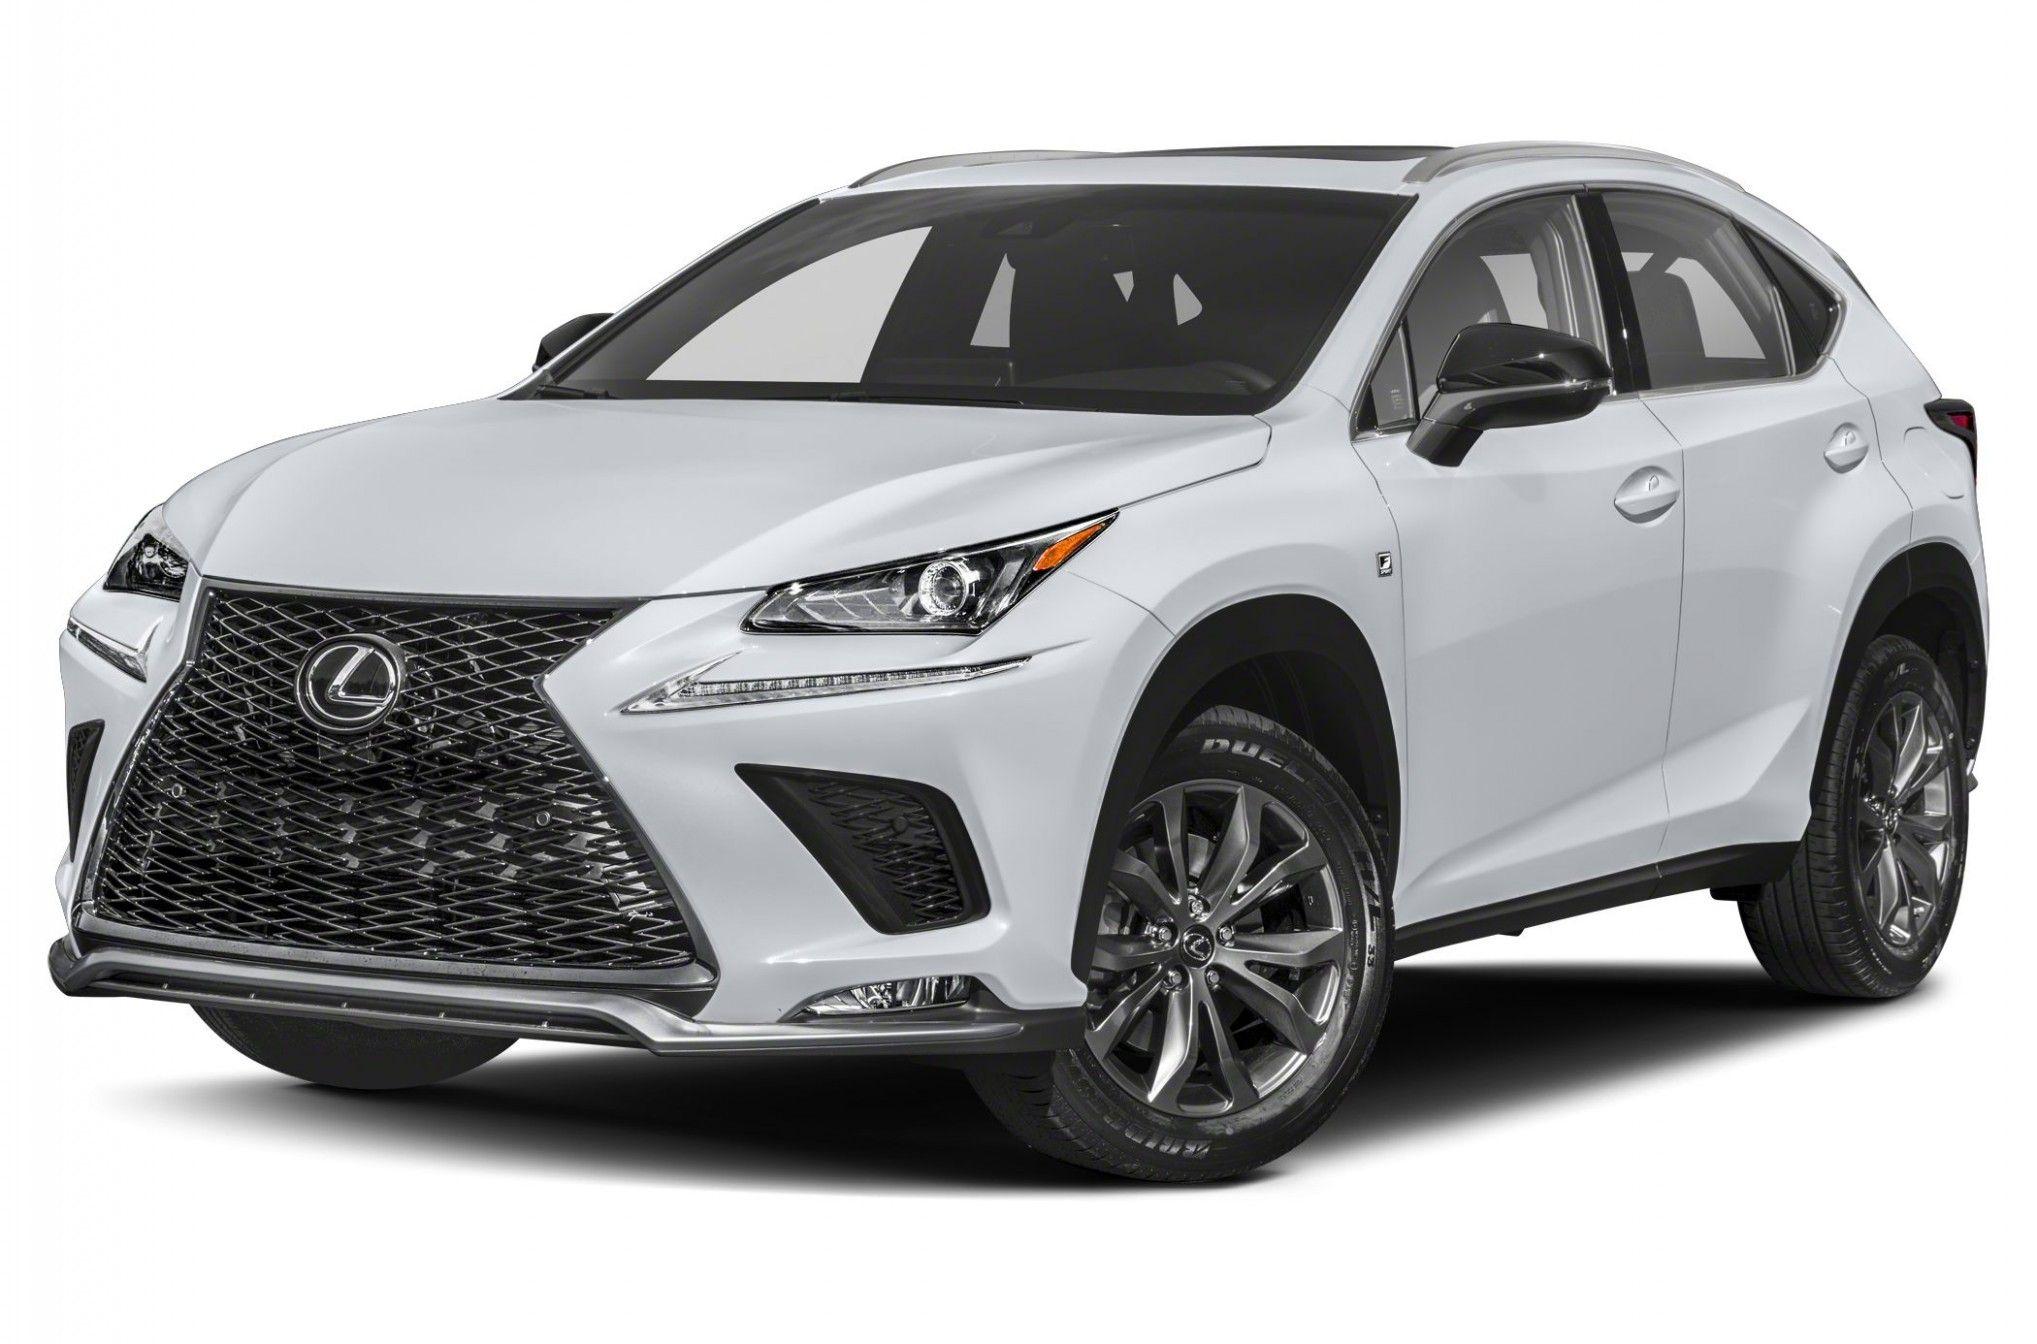 2020 Lexus Is 300 F Sport Price Redesign And Concept Lexus New Lexus Luxury Crossovers